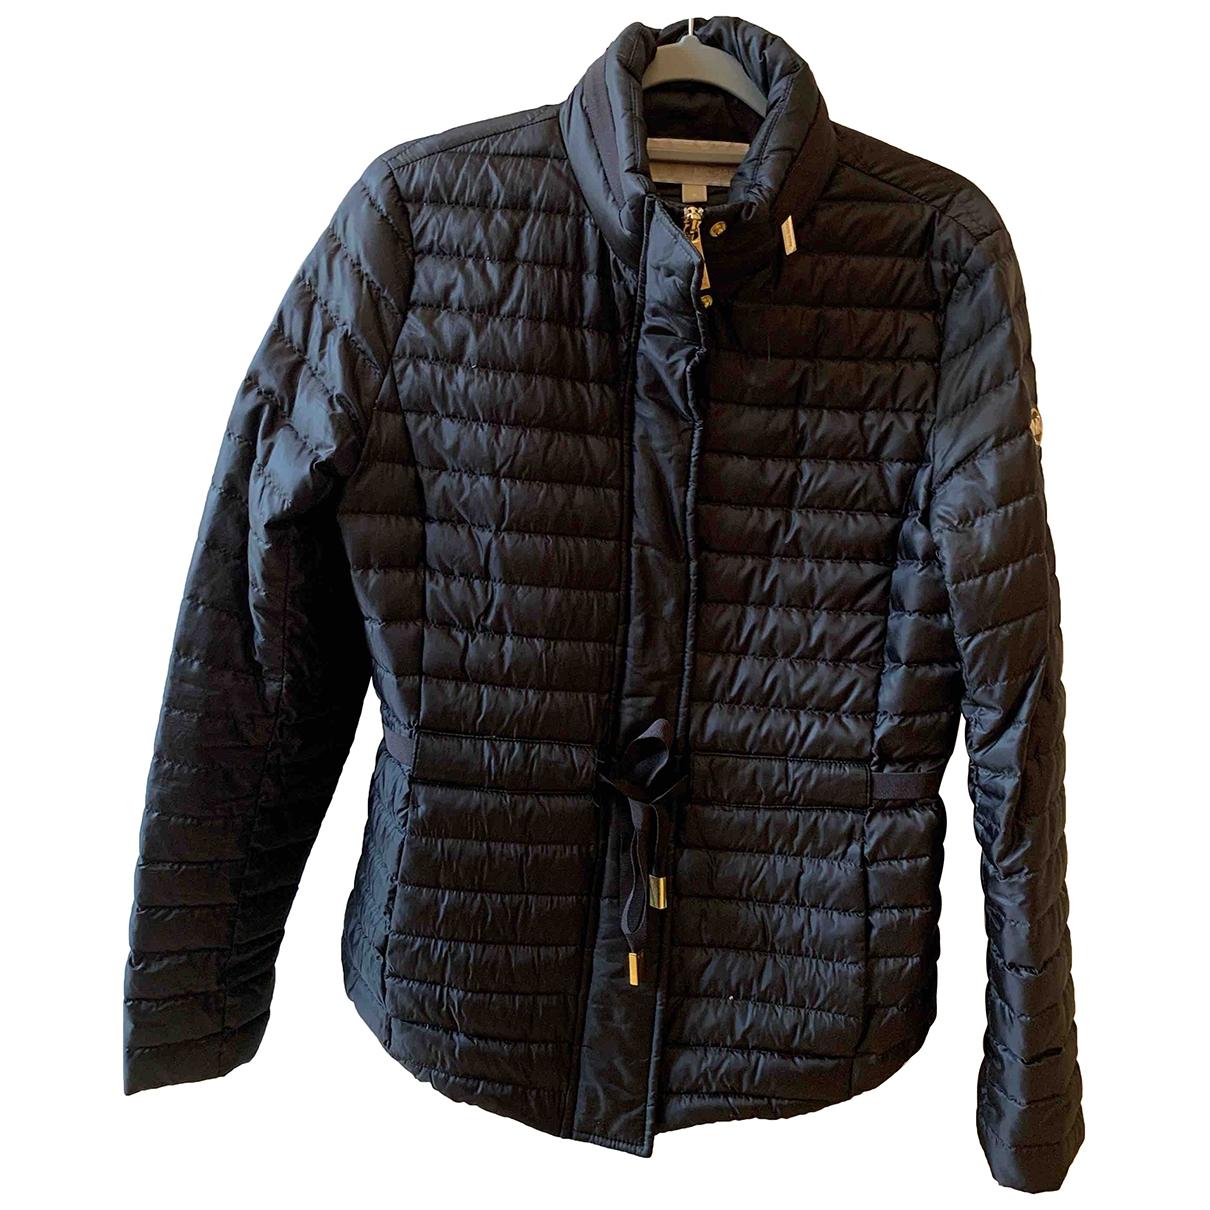 Michael Kors \N Black jacket for Women 0 0-5